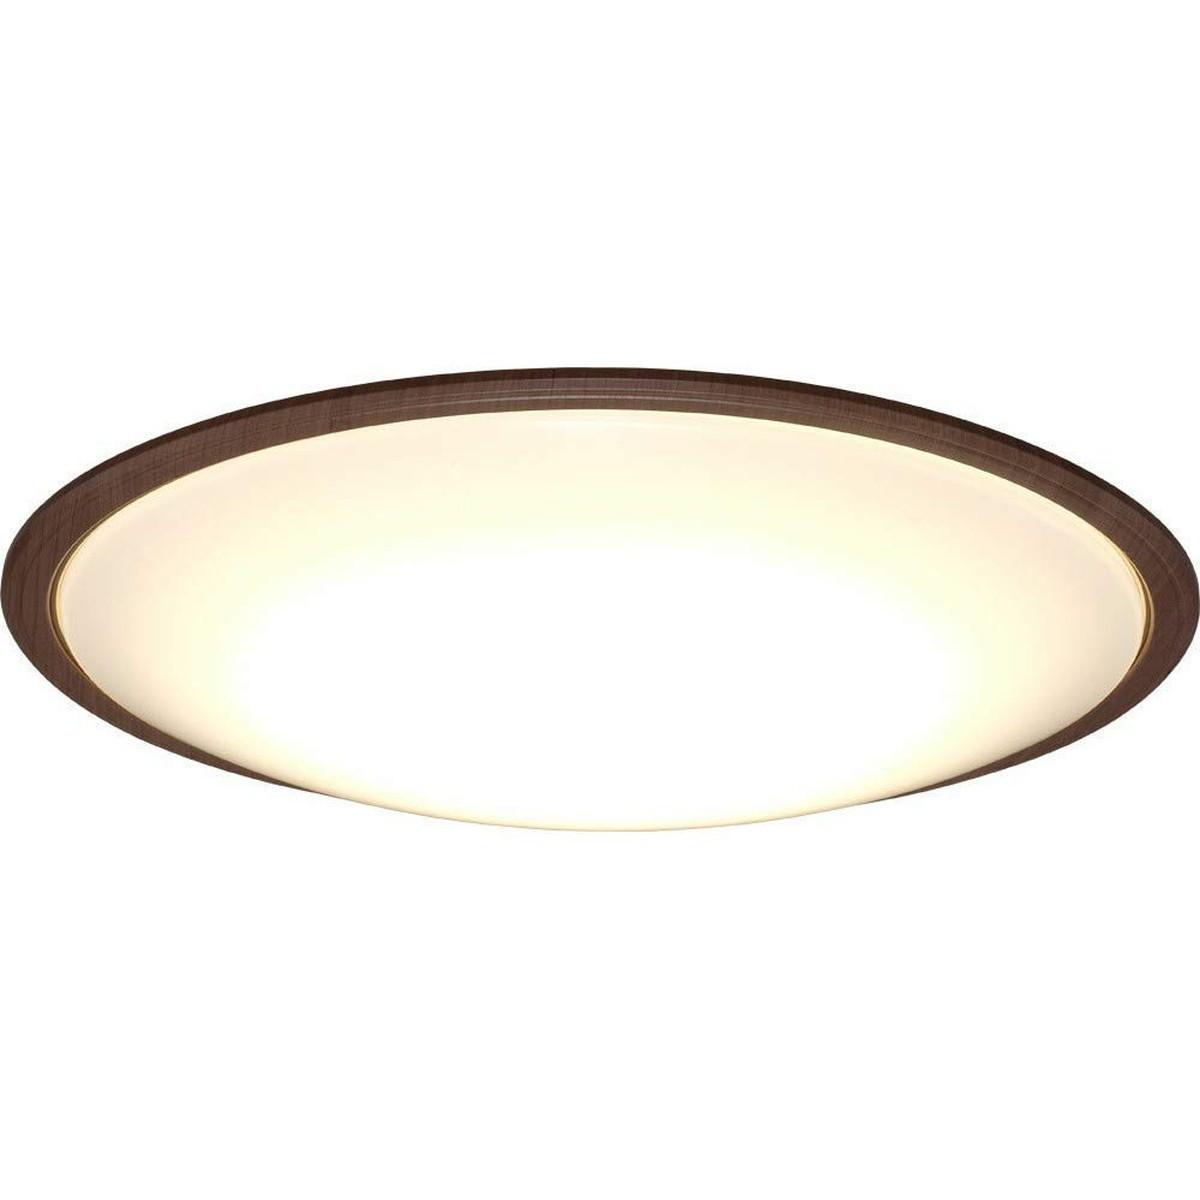 アイリスオーヤマ LED シーリングライト 調光 調色 タイプ ~12畳 メタルサーキットシリーズ ウッドフレーム ウォールナット CL12DL-5.1WFM【クーポン配布中】